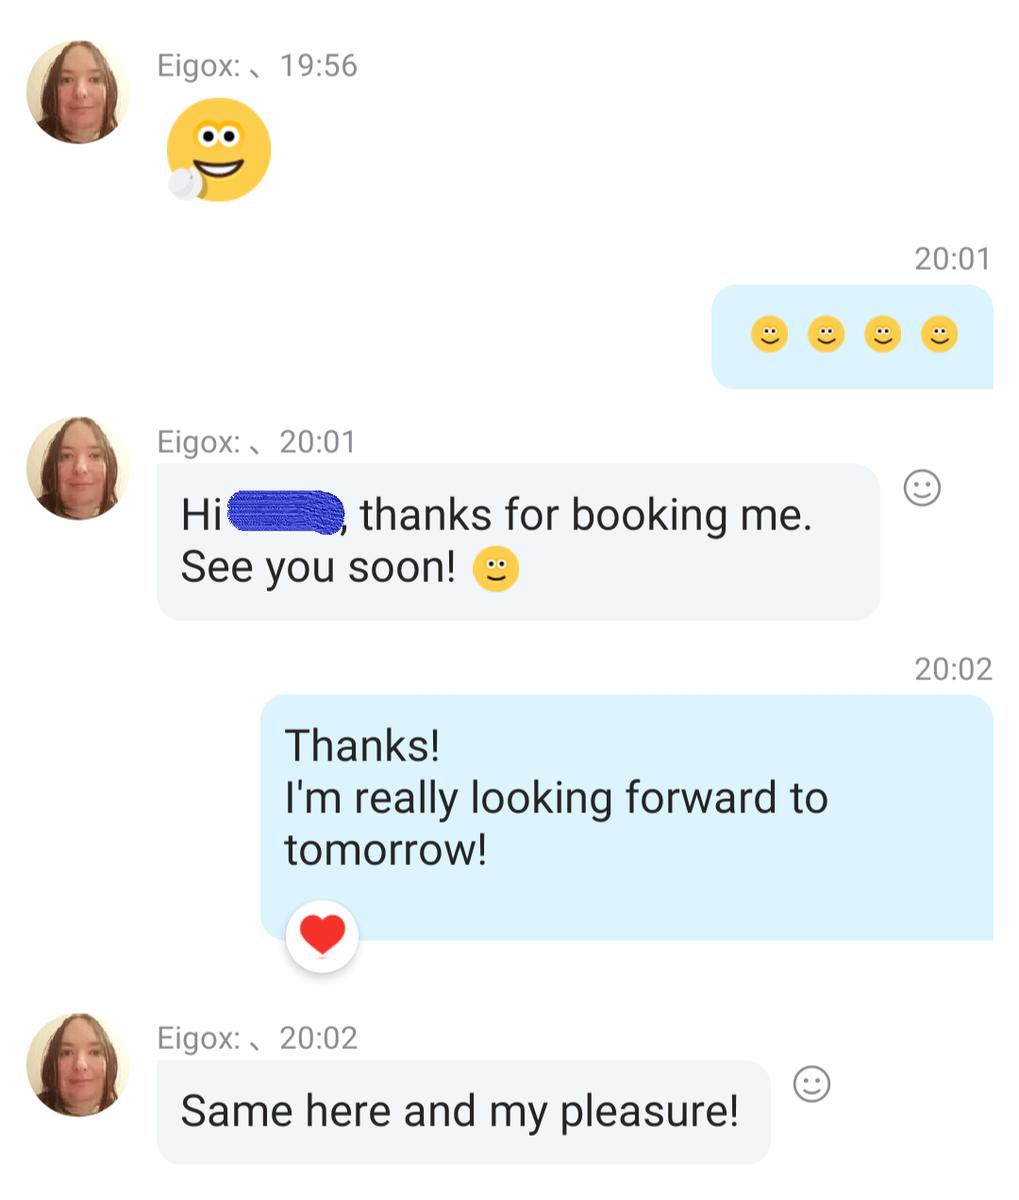 エイゴックス無料体験のイメージ